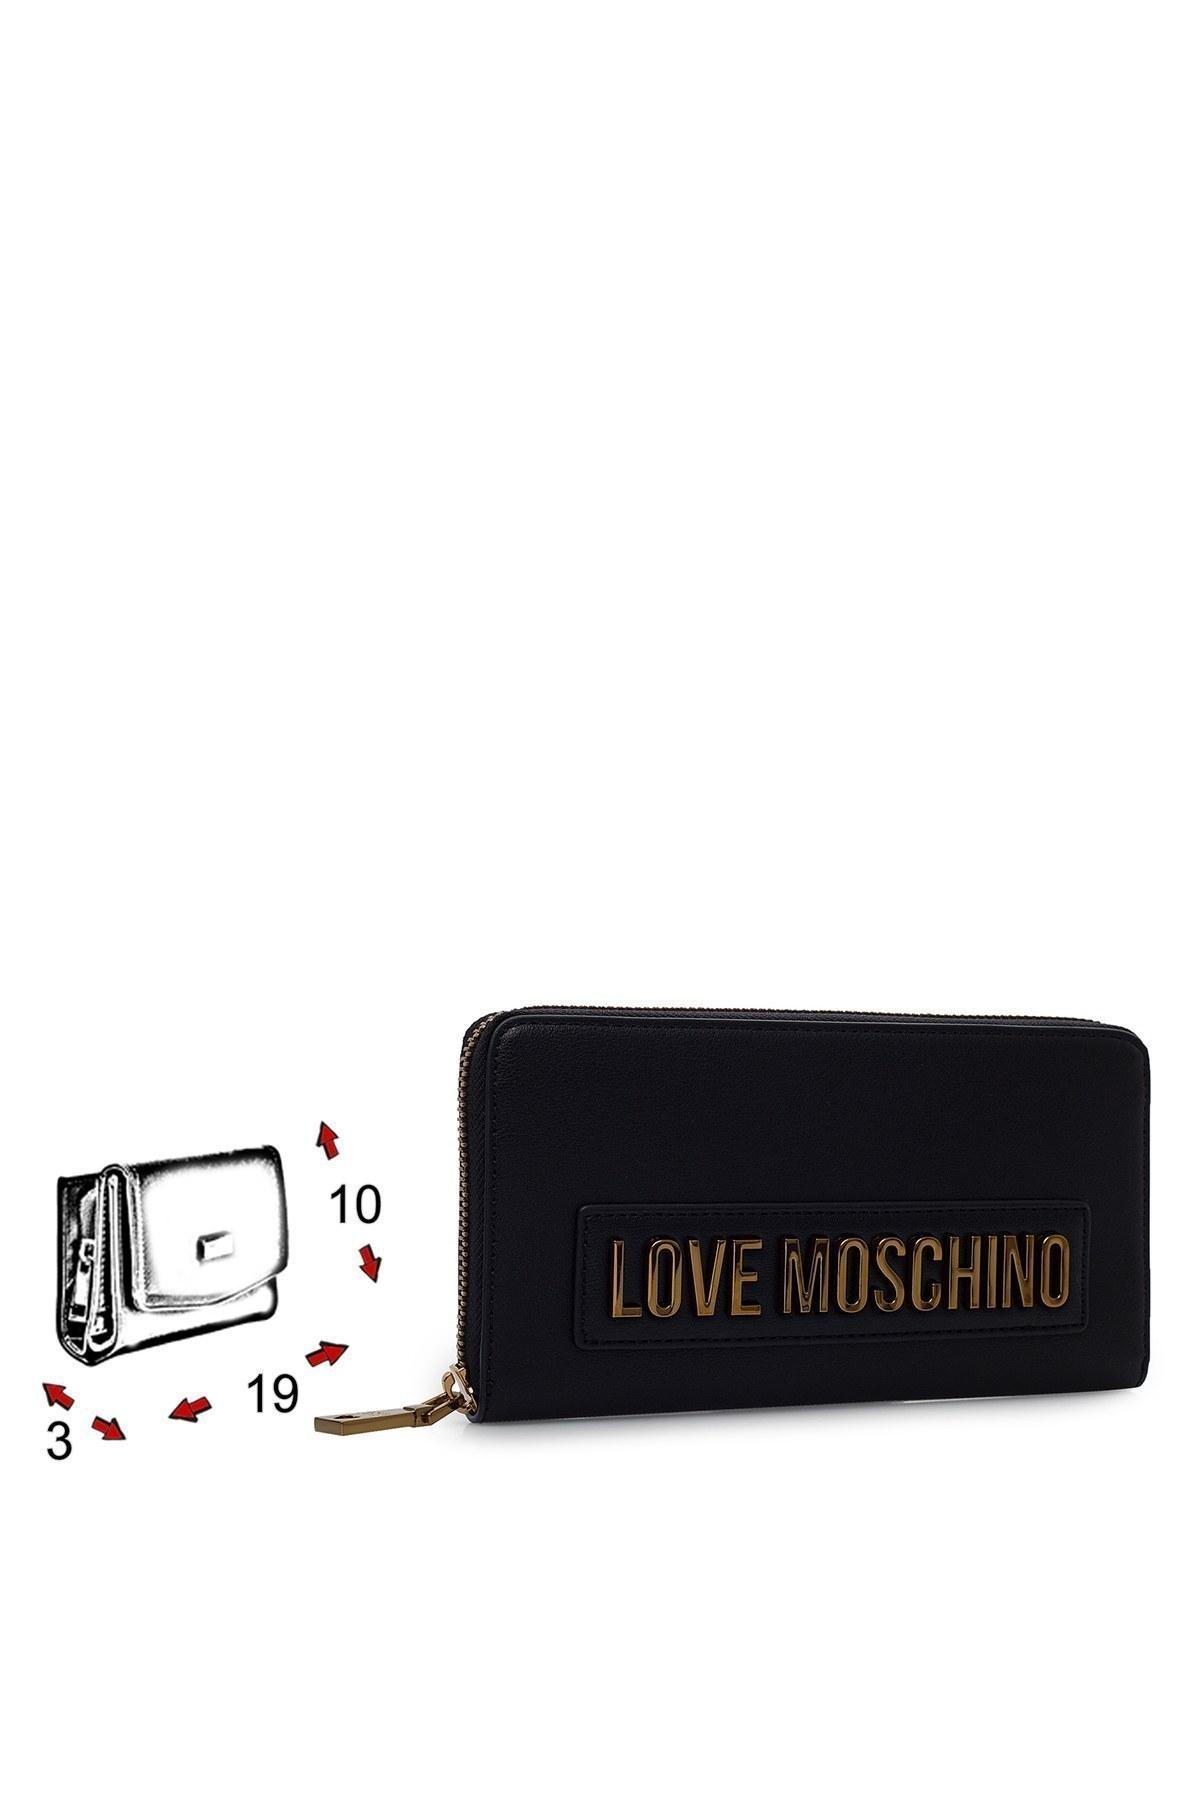 Love Moschino Logo Baskılı Fermuarlı Kadın Cüzdan JC5622PP1BLK0000 SİYAH